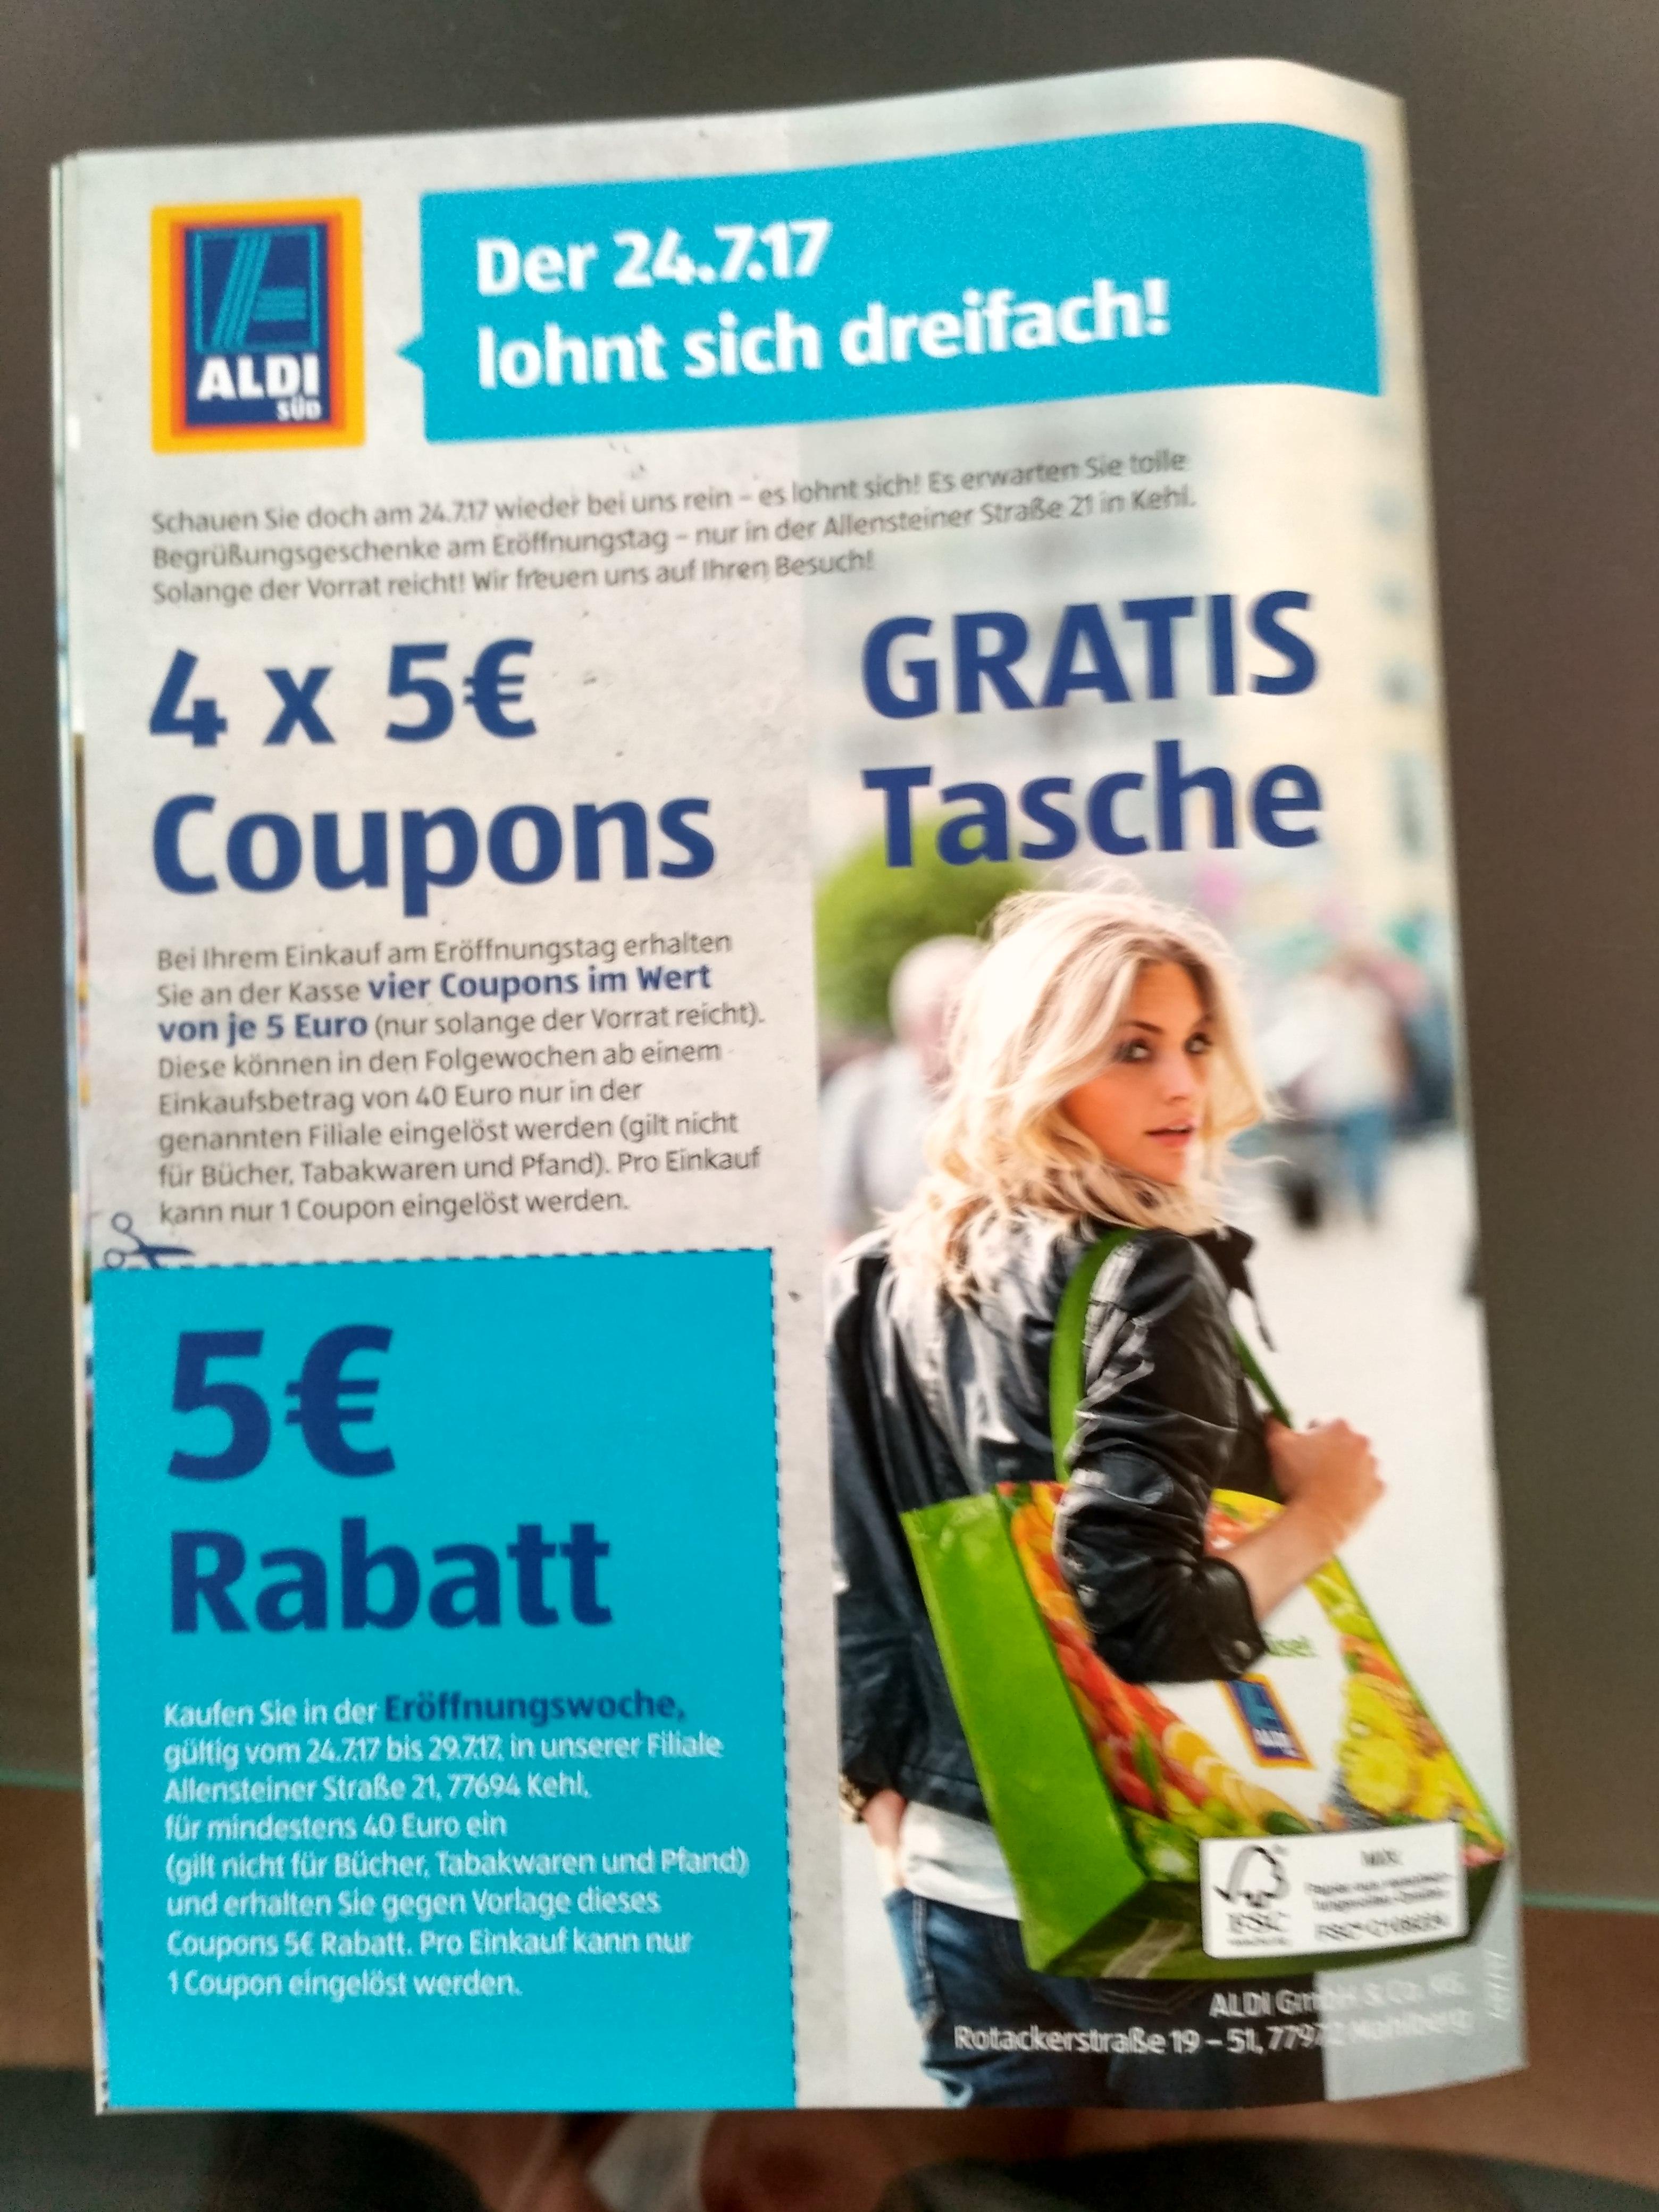 (Lokal) Aldi Süd in  77694 Kehl, Allensteinerstr.21, wegen Wiedereröffnungng am 24.7. 5 x 5€ Rabatt plus Tasche